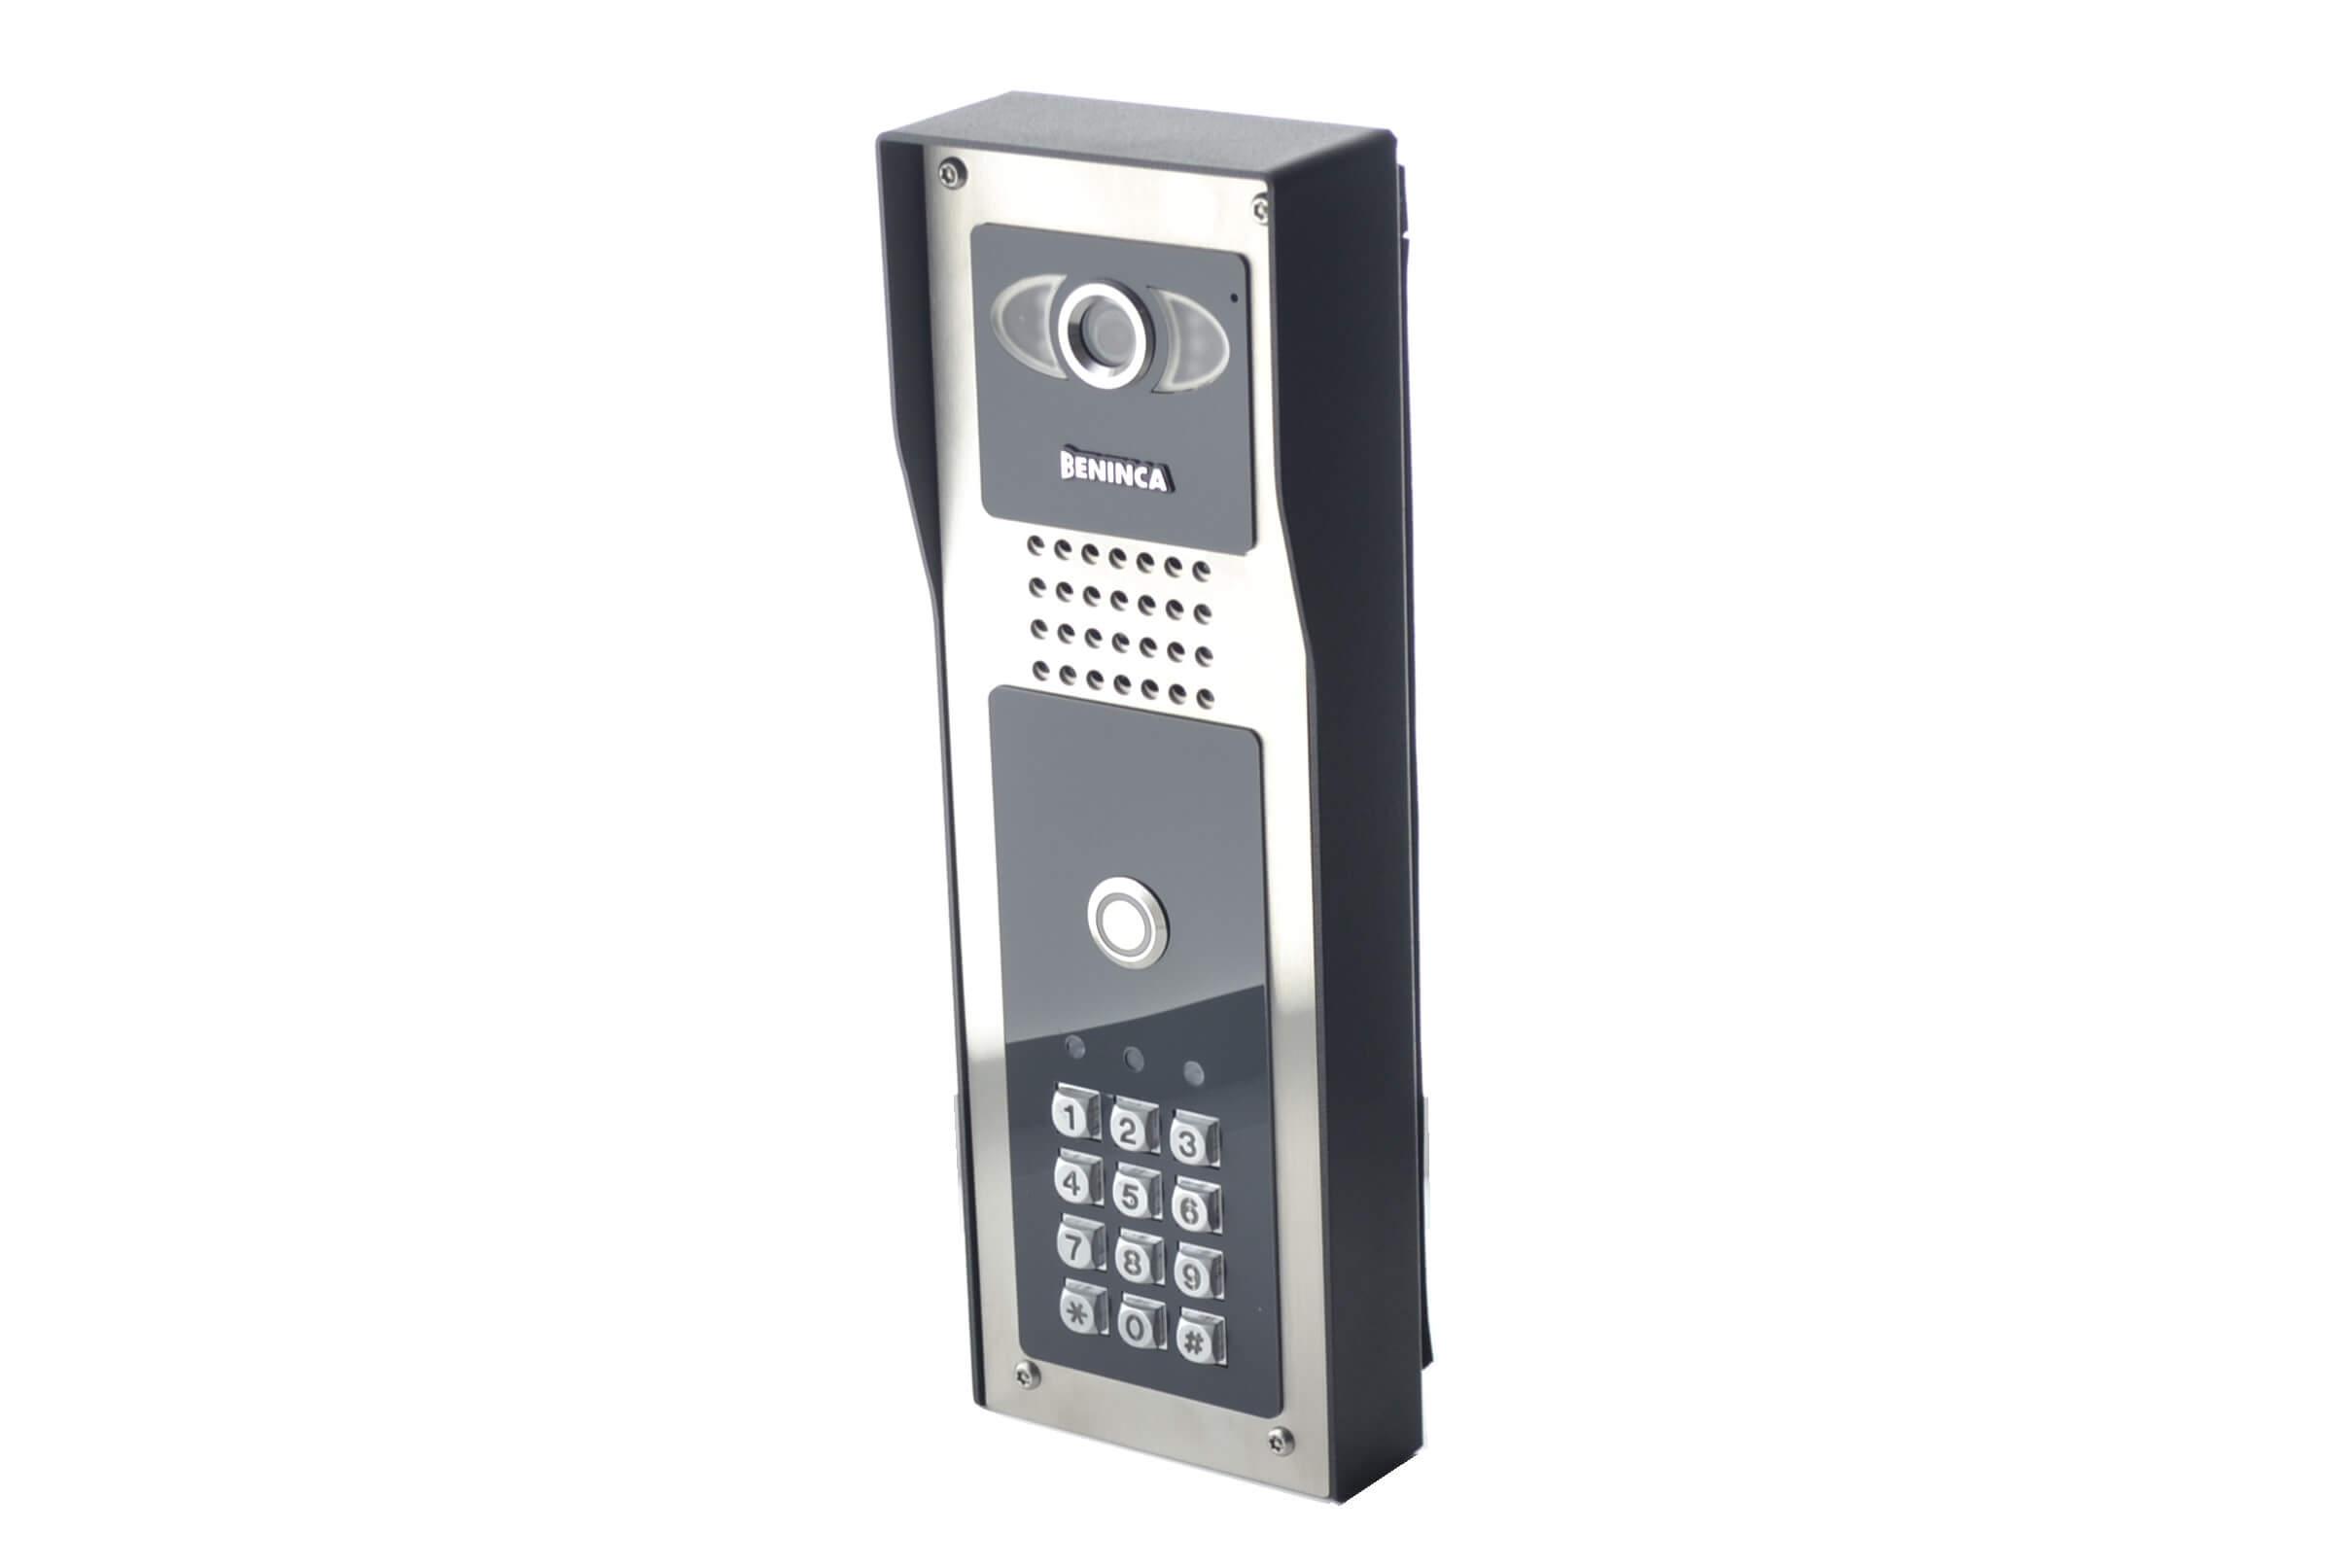 beninca videodomofon bezprzewodowy wielorodzinny WiFi